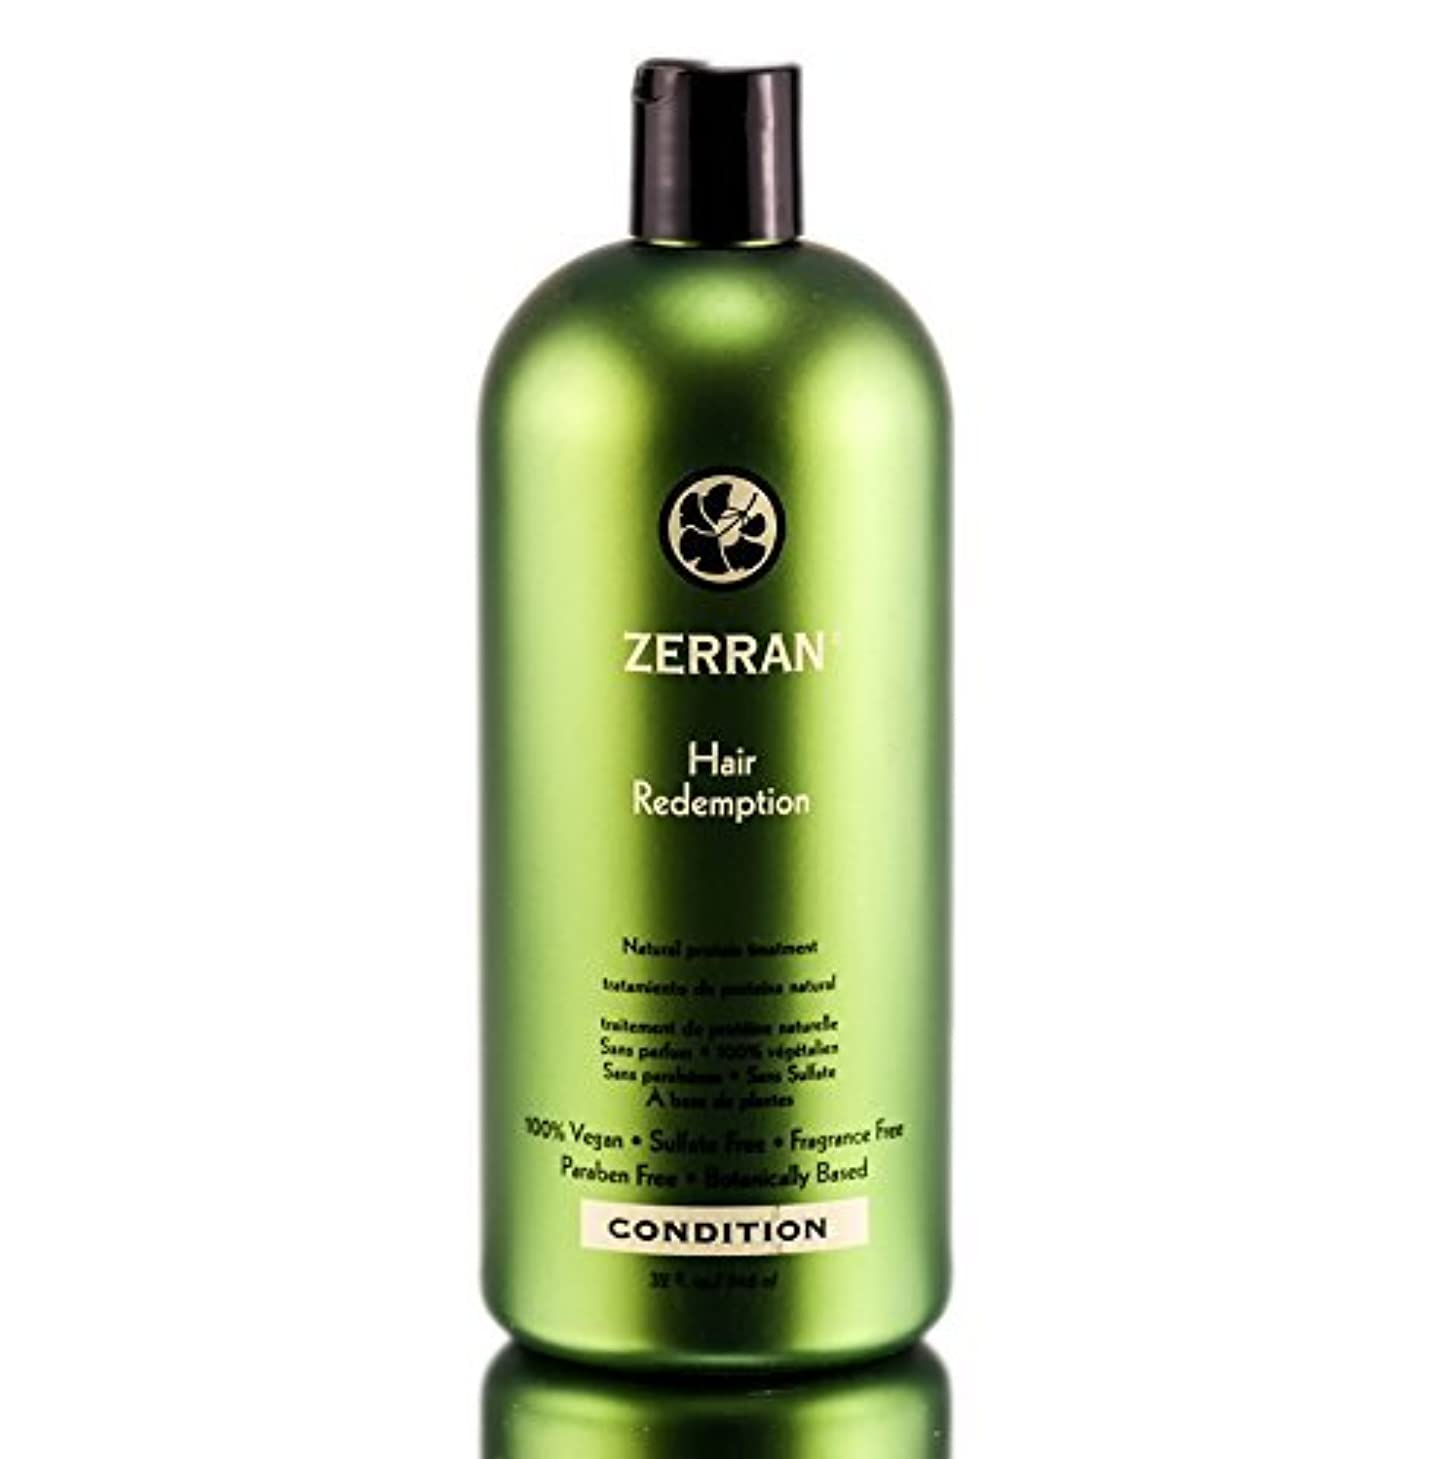 練習した恐ろしいエピソードZerran Hair Care Zerran髪の償還 - emergeny天然のタンパク質の髪の補修 - 33.8オンス/リットル 33.8オンス